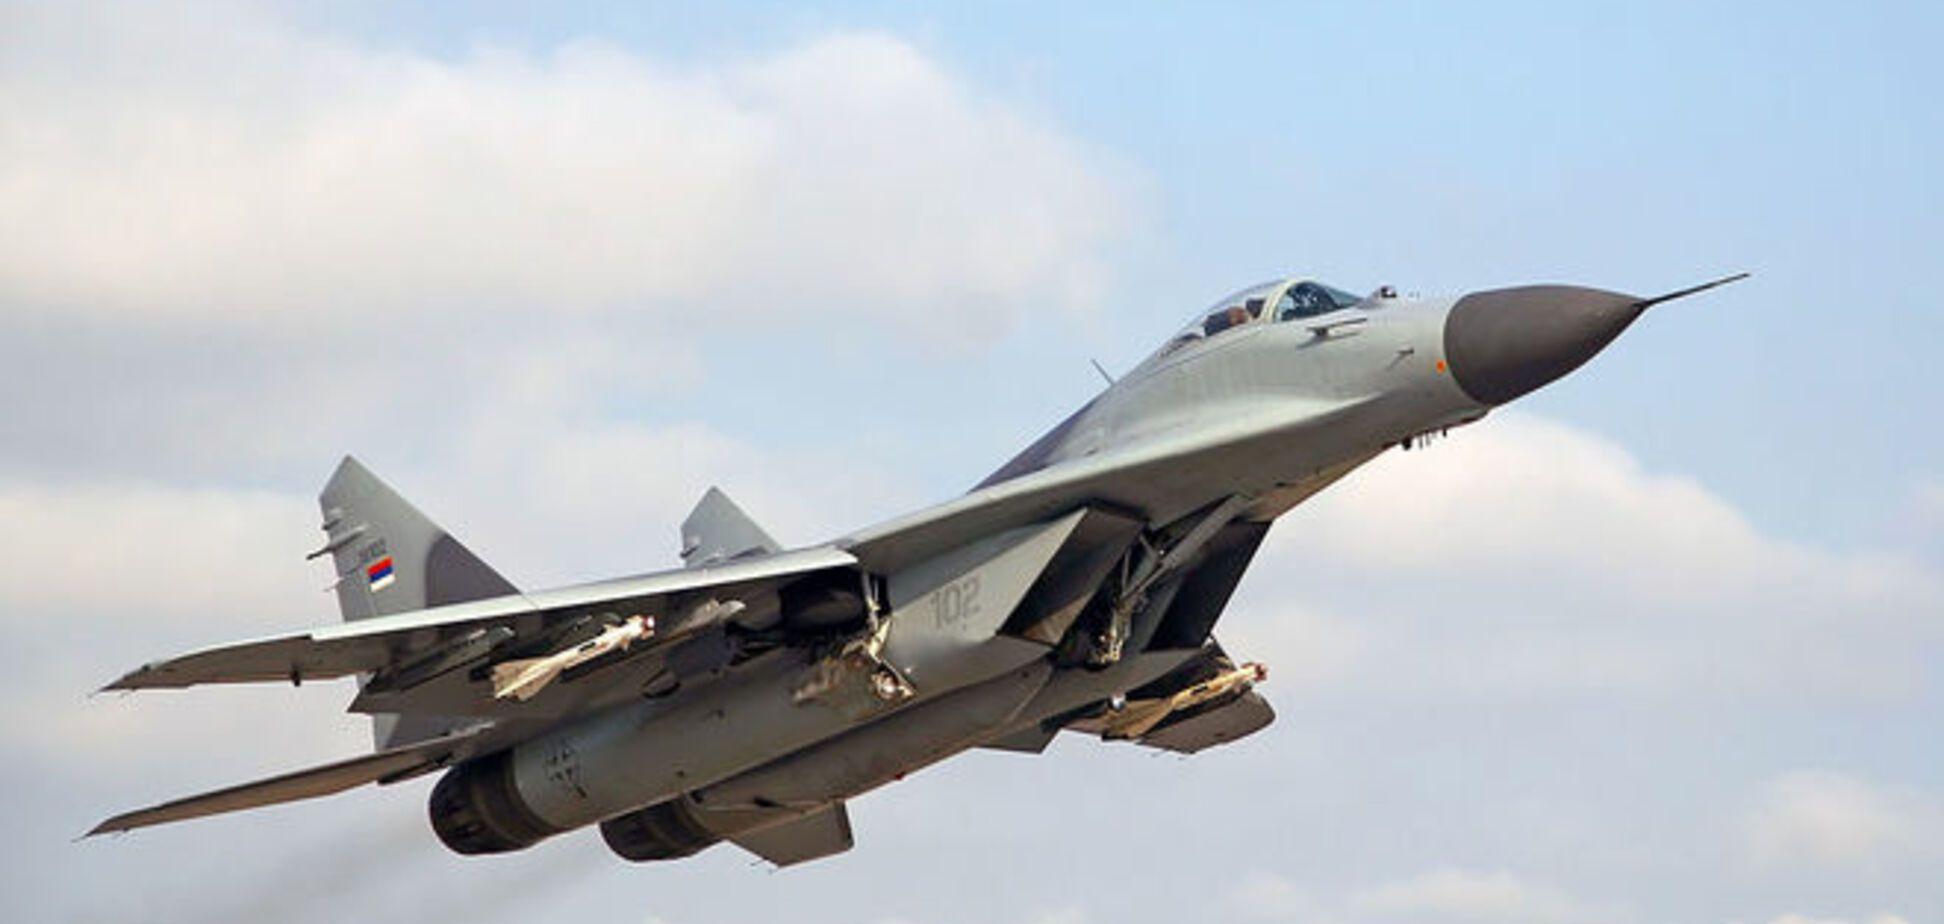 Восстановлению не подлежит: в России разбился истребитель МиГ-29